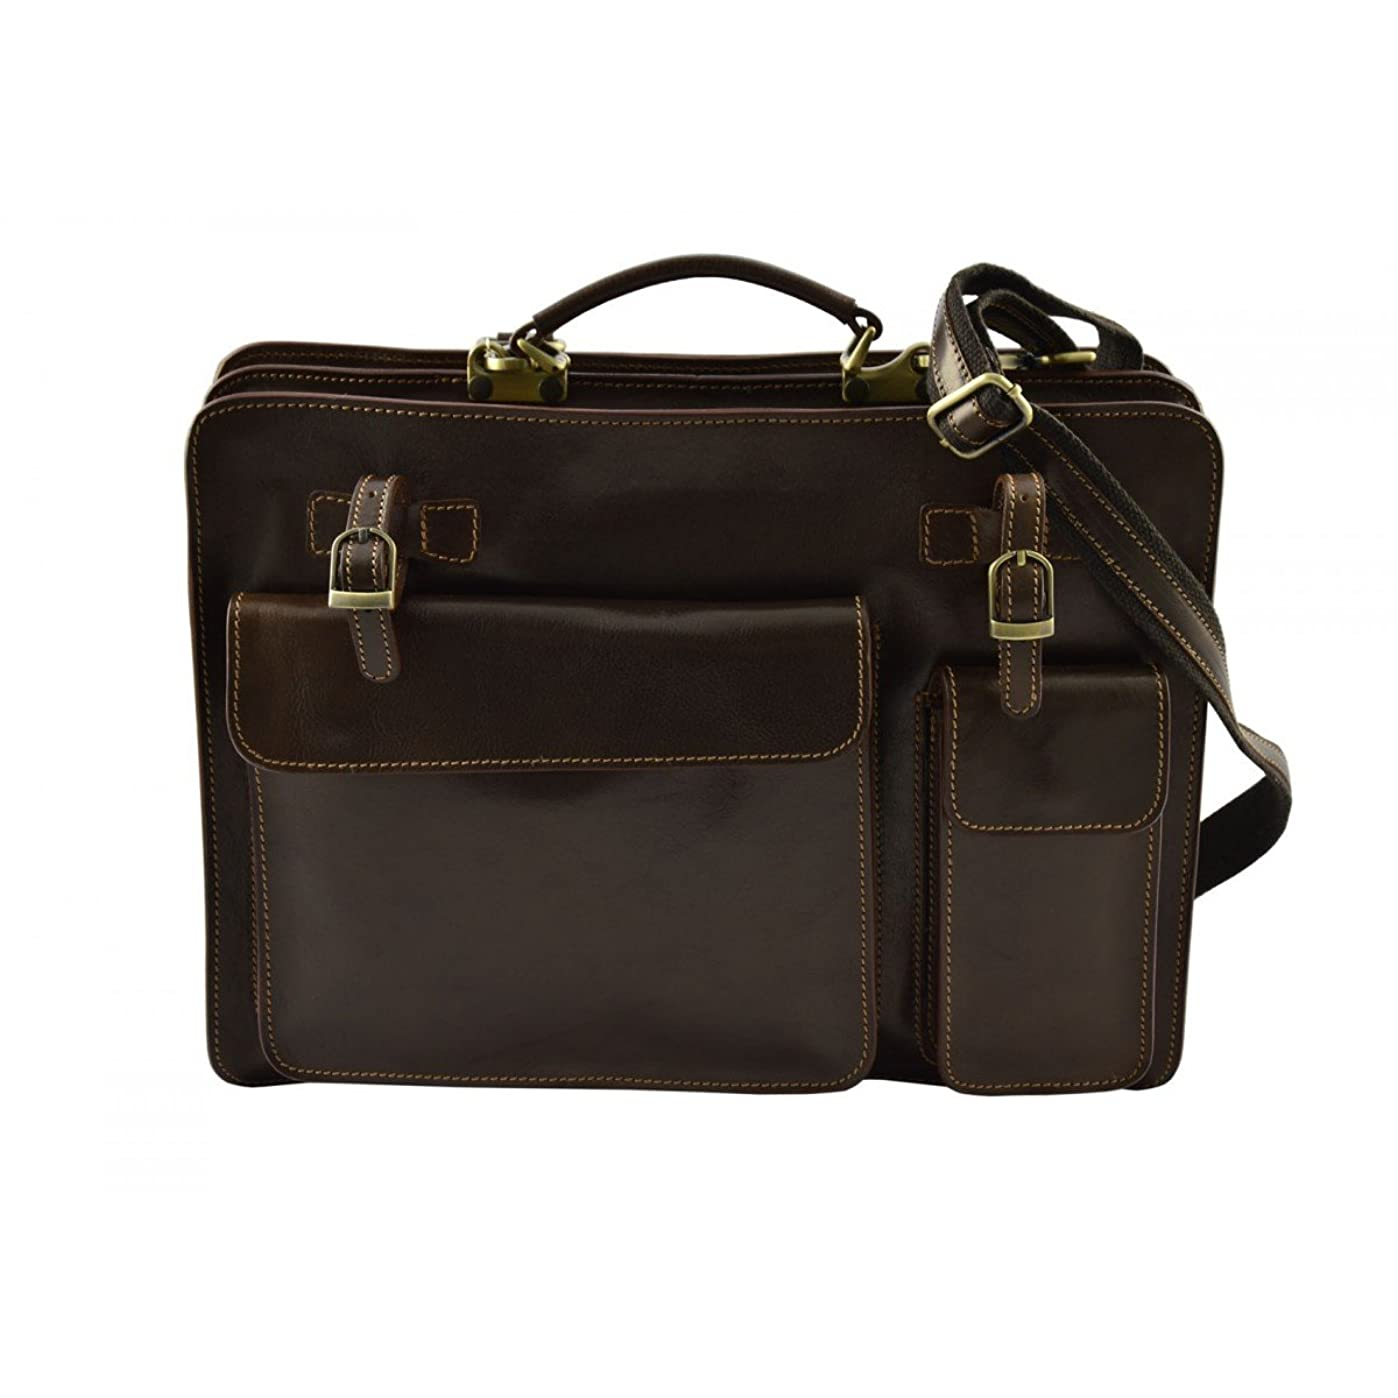 挑発する処理フライトDream Leather Bags Made in Italy Genuine Leather メンズ US サイズ: 1 カラー: ブラウン